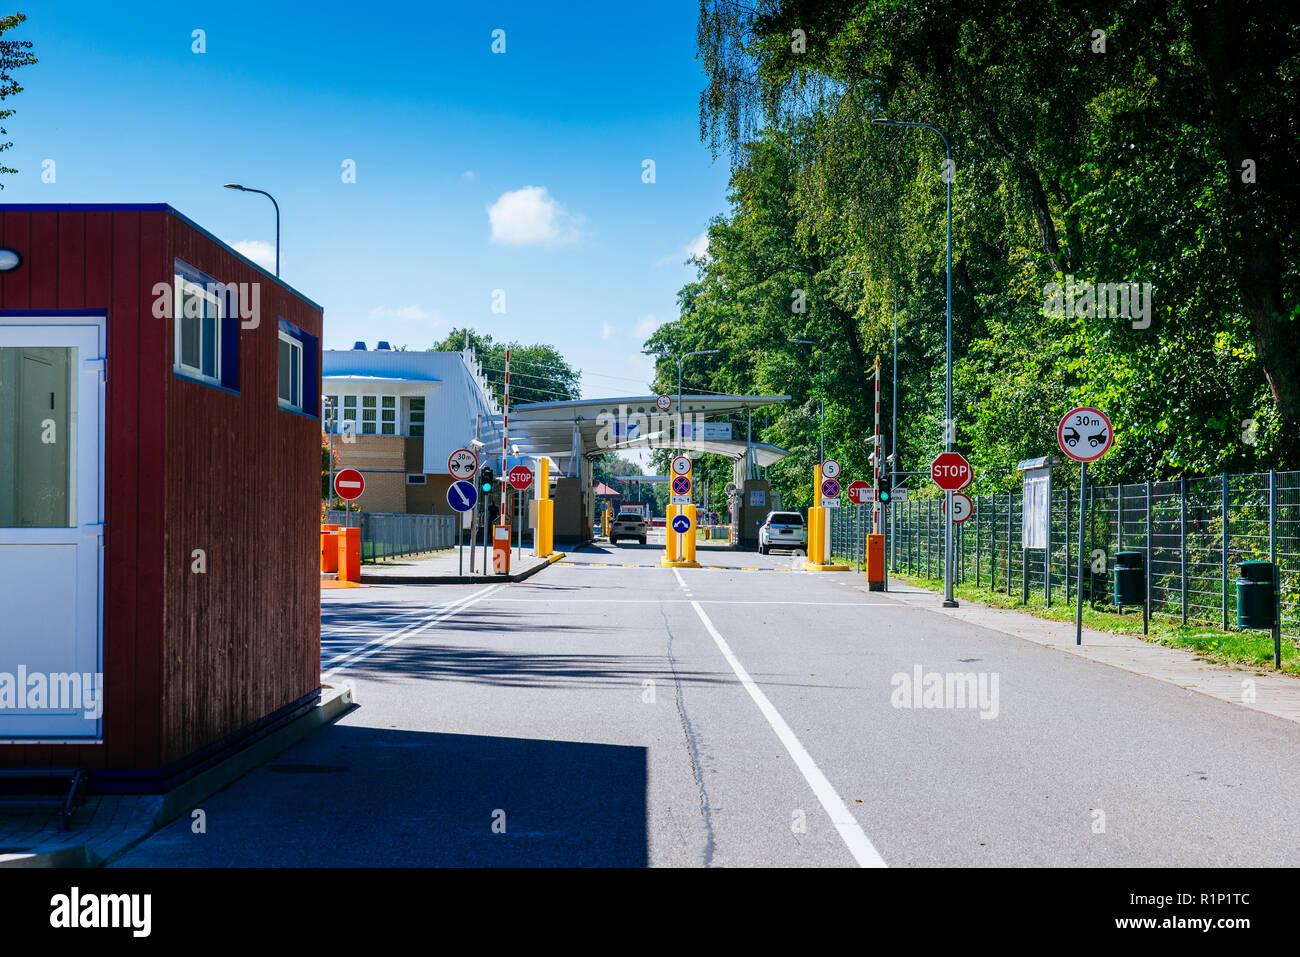 Grenze zwischen Litauen und Kaliningrad. Kurische Nehrung. Nida, Neringa Gemeinde Grafschaft, Klaipeda, Litauen, Baltikum, Europa. Stockbild